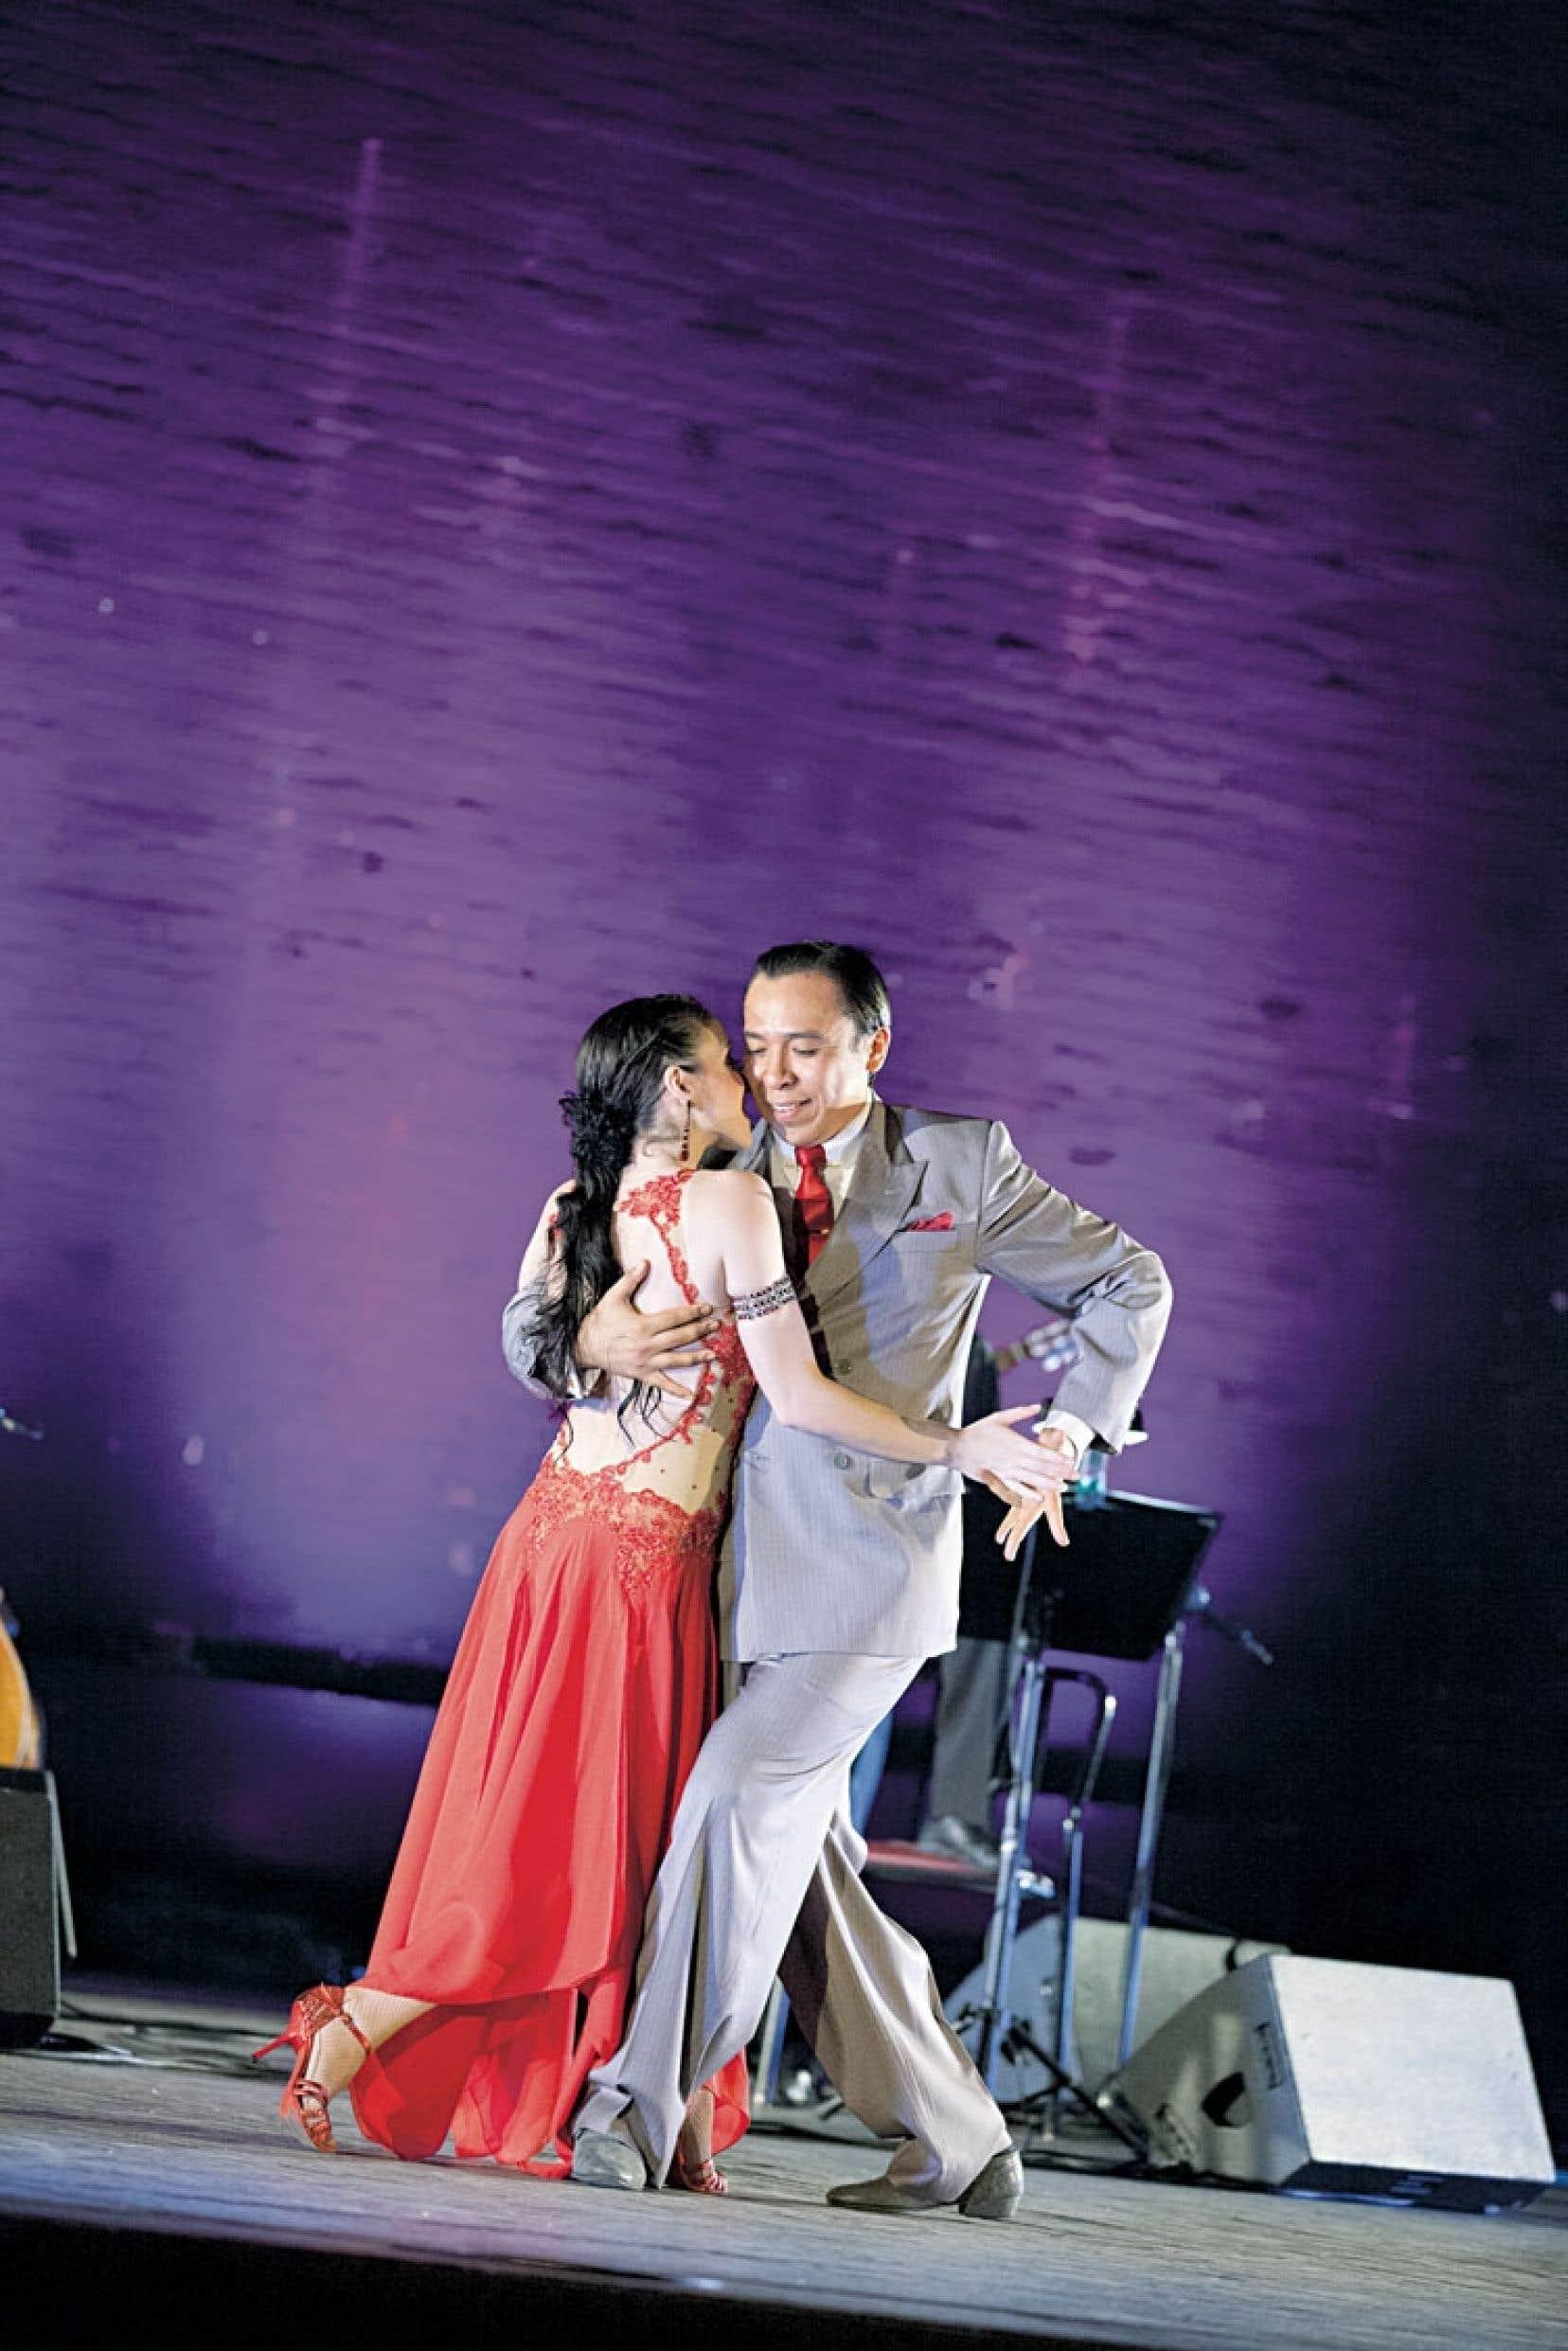 Le couple de tangueros argentins Ivan Romero et Silvana Nunez revient pour la deuxième année consécutive au Festival international de tango de Montréal.